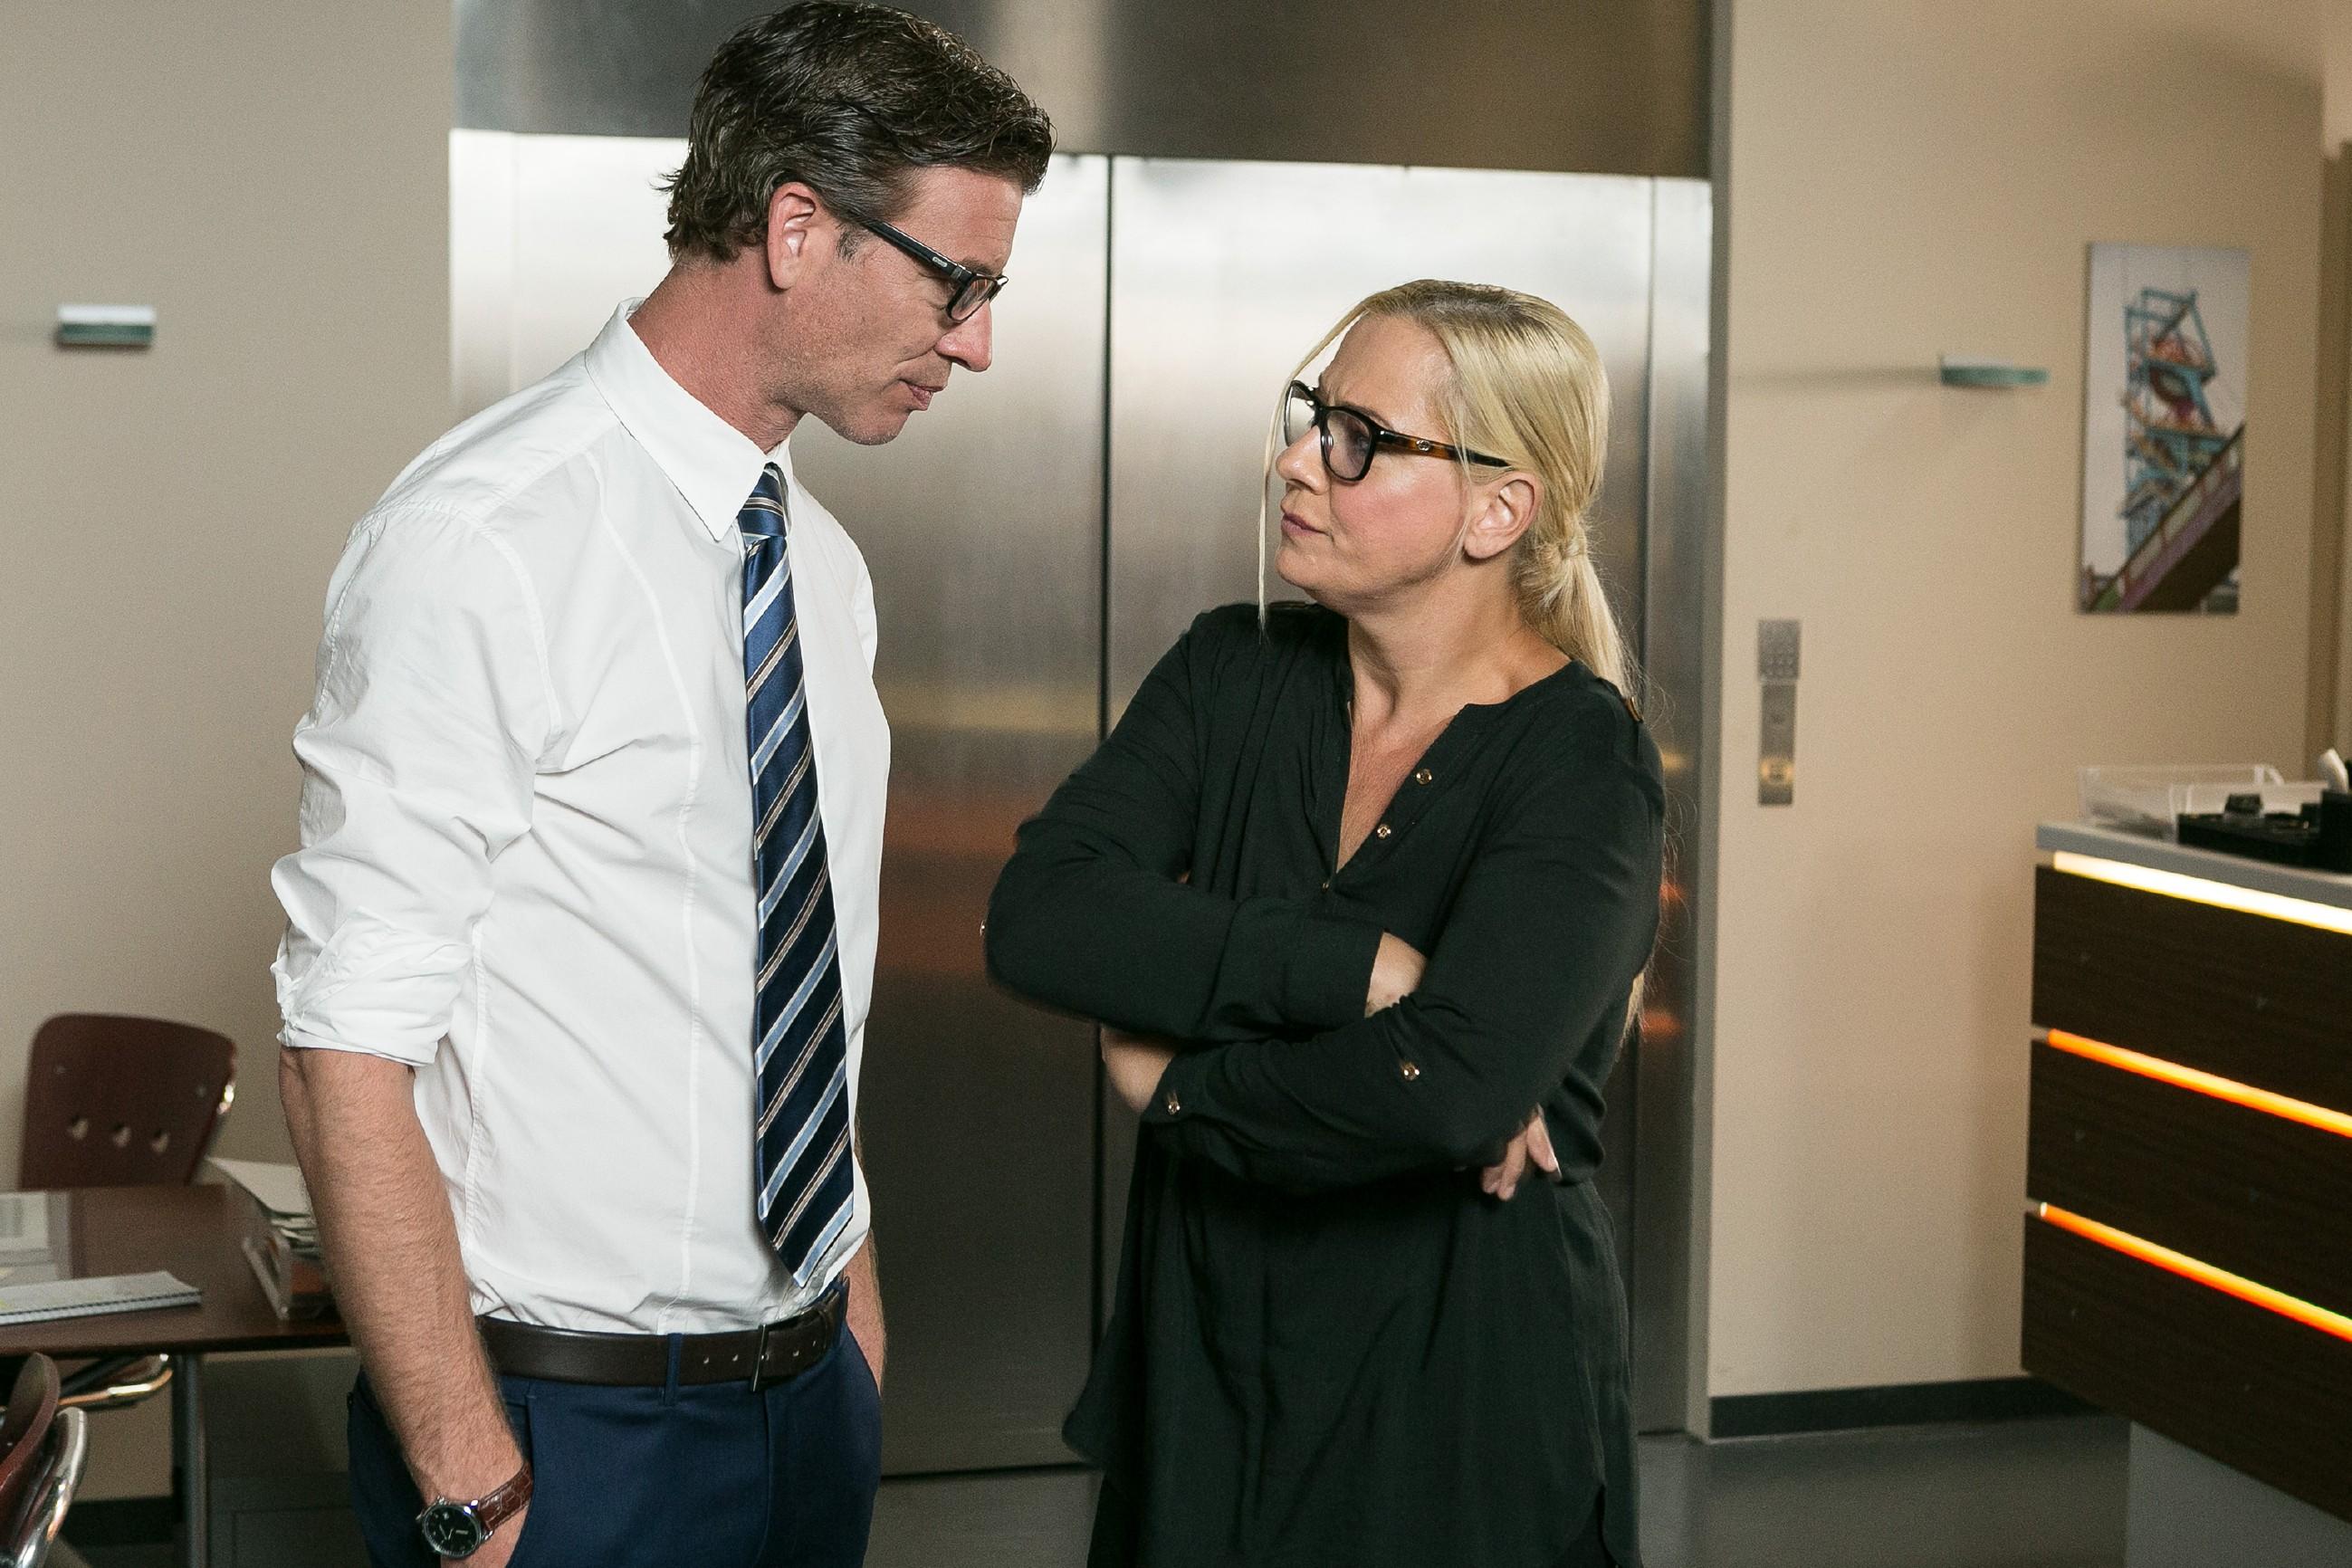 Nach Richards Verschwinden wird Christoph (Lars Korten) von Kommissarin Koch (Mareike Eisenstein) in die Mangel genommen, doch er hält dem Druck stand... (Quelle:RTL / Kai Schulz)